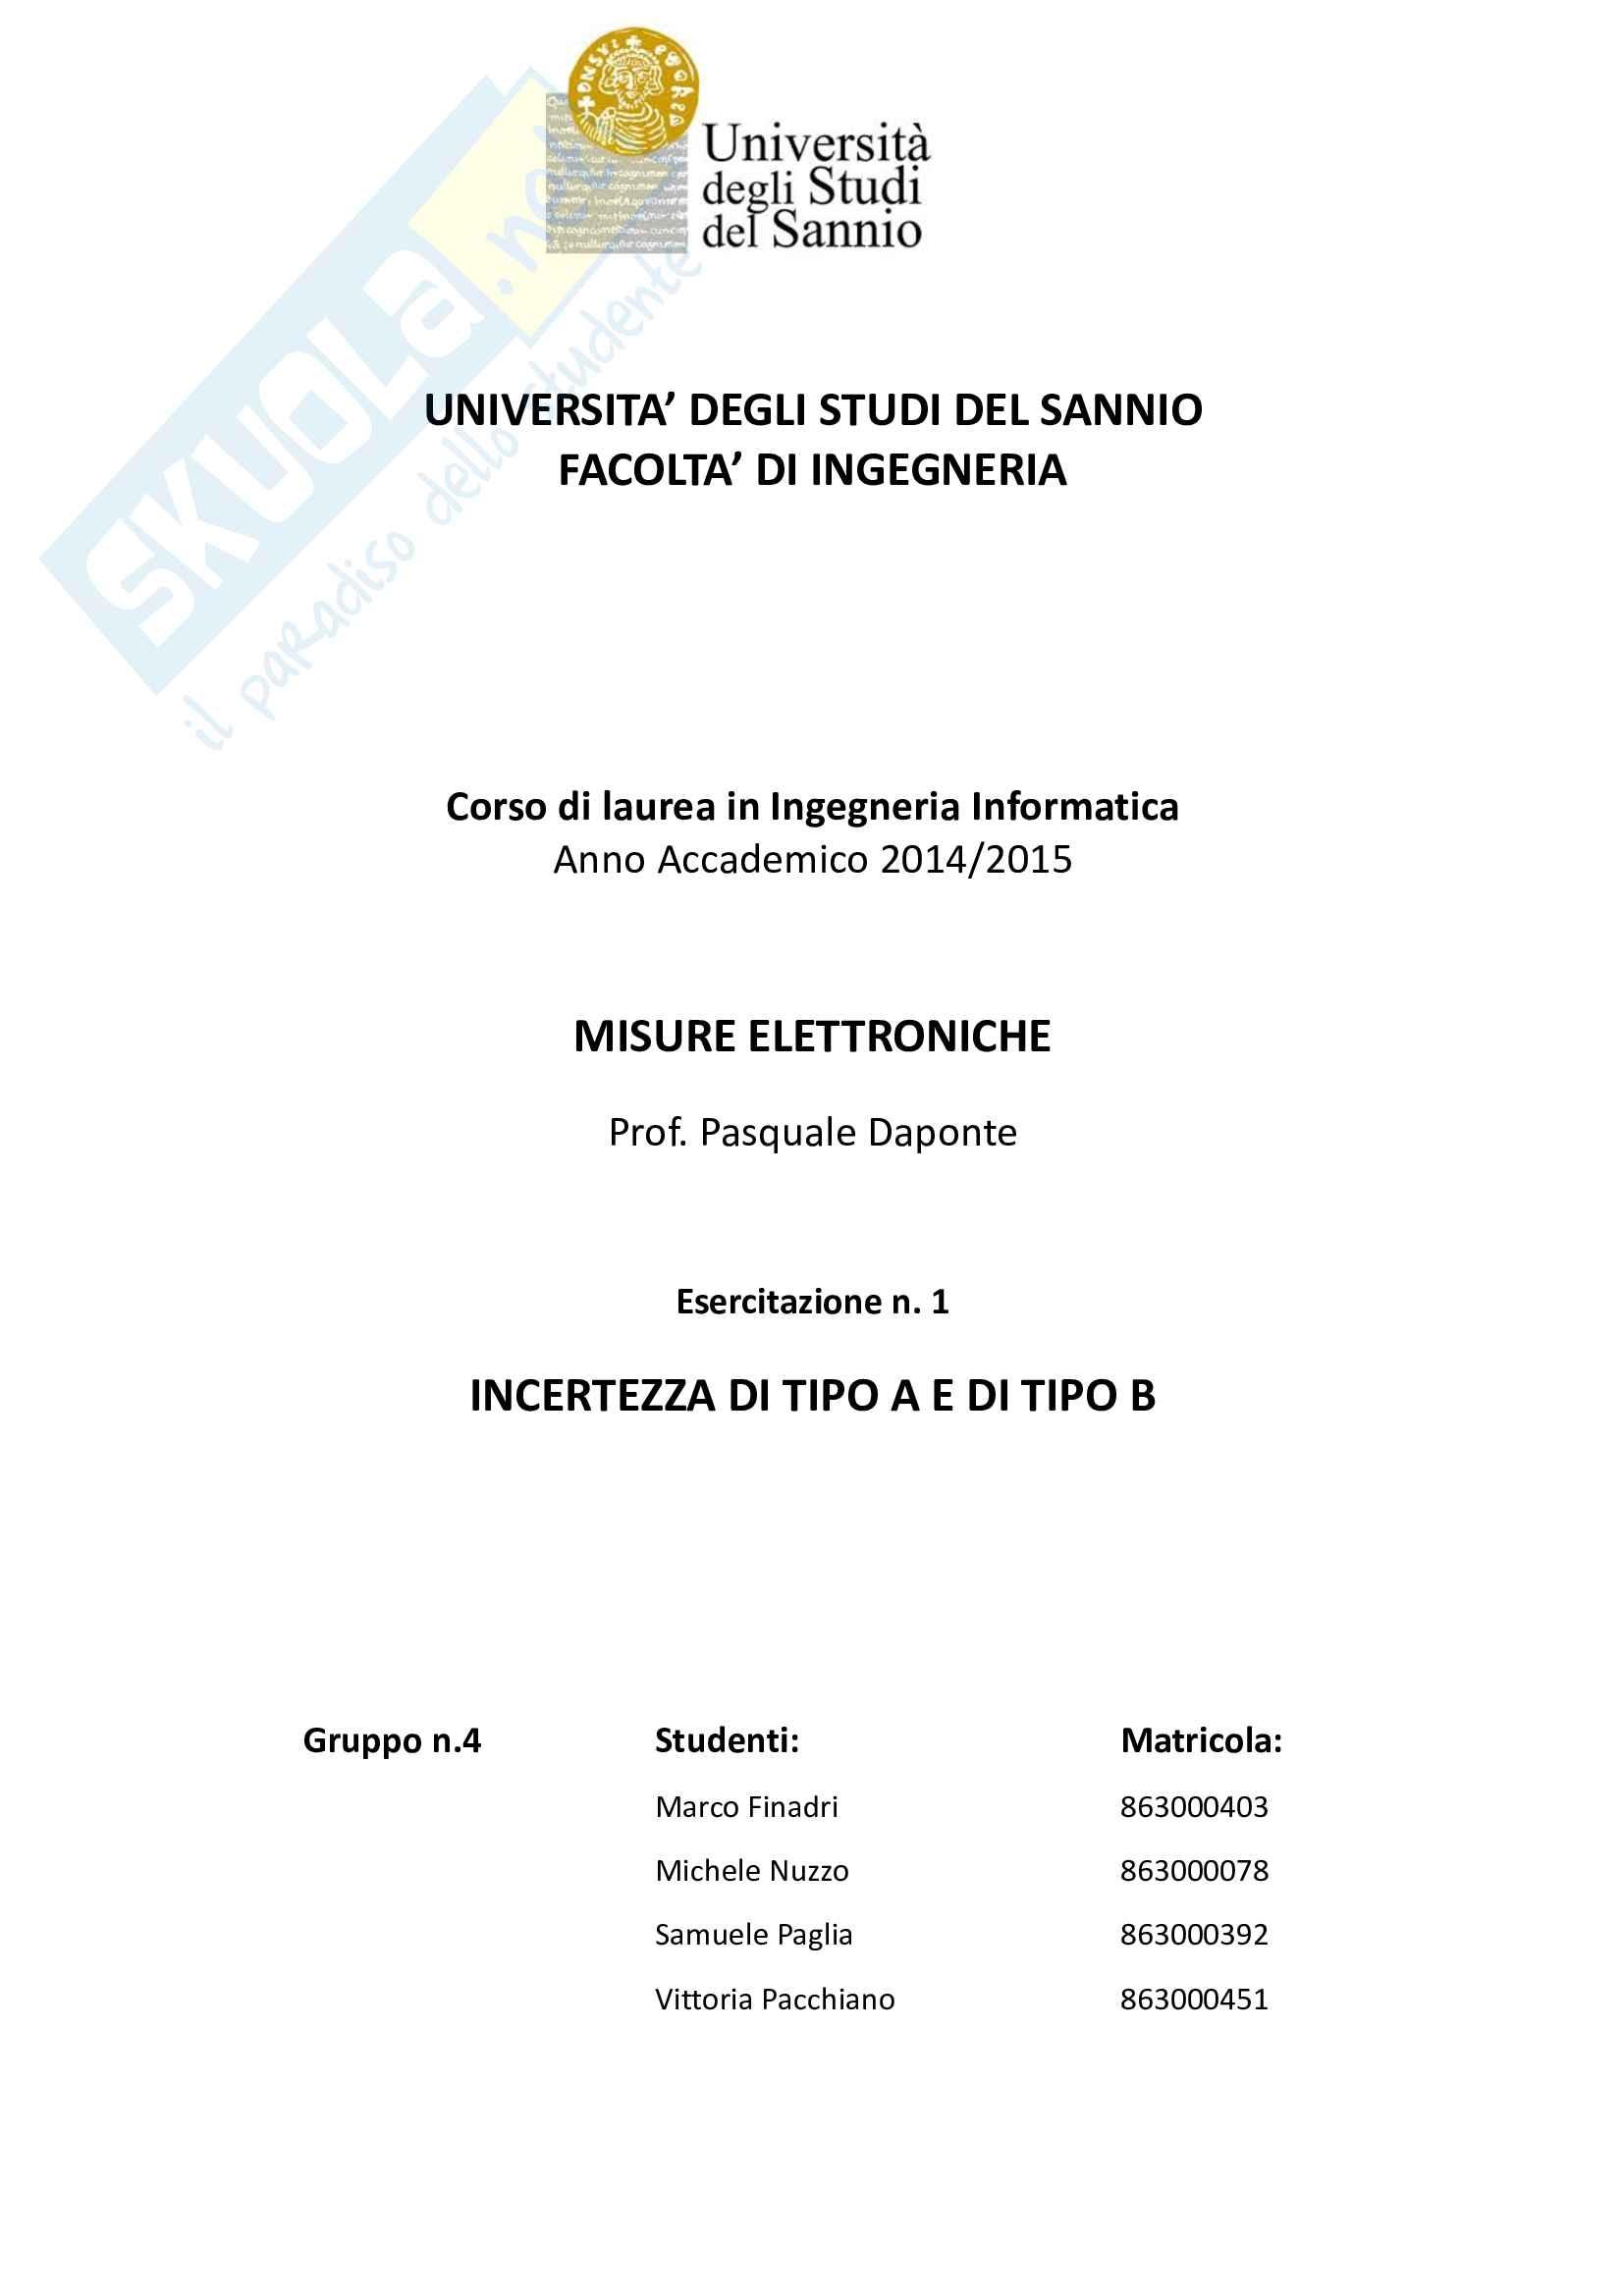 Tesine Misure Elettroniche (file unico delle 4 tesine)